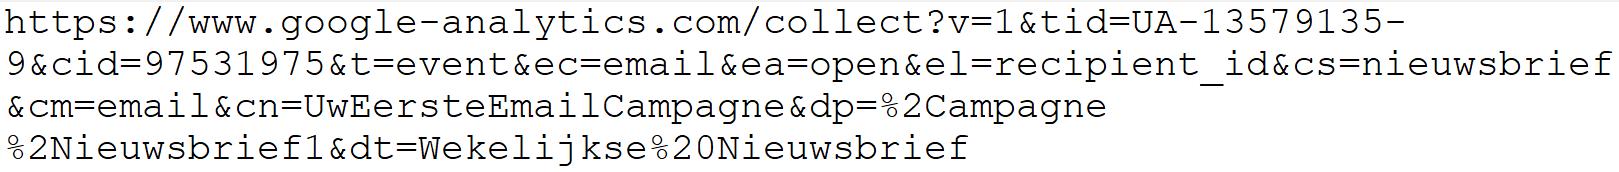 Voorbeeld URL bij email tracking middels Google Analytics